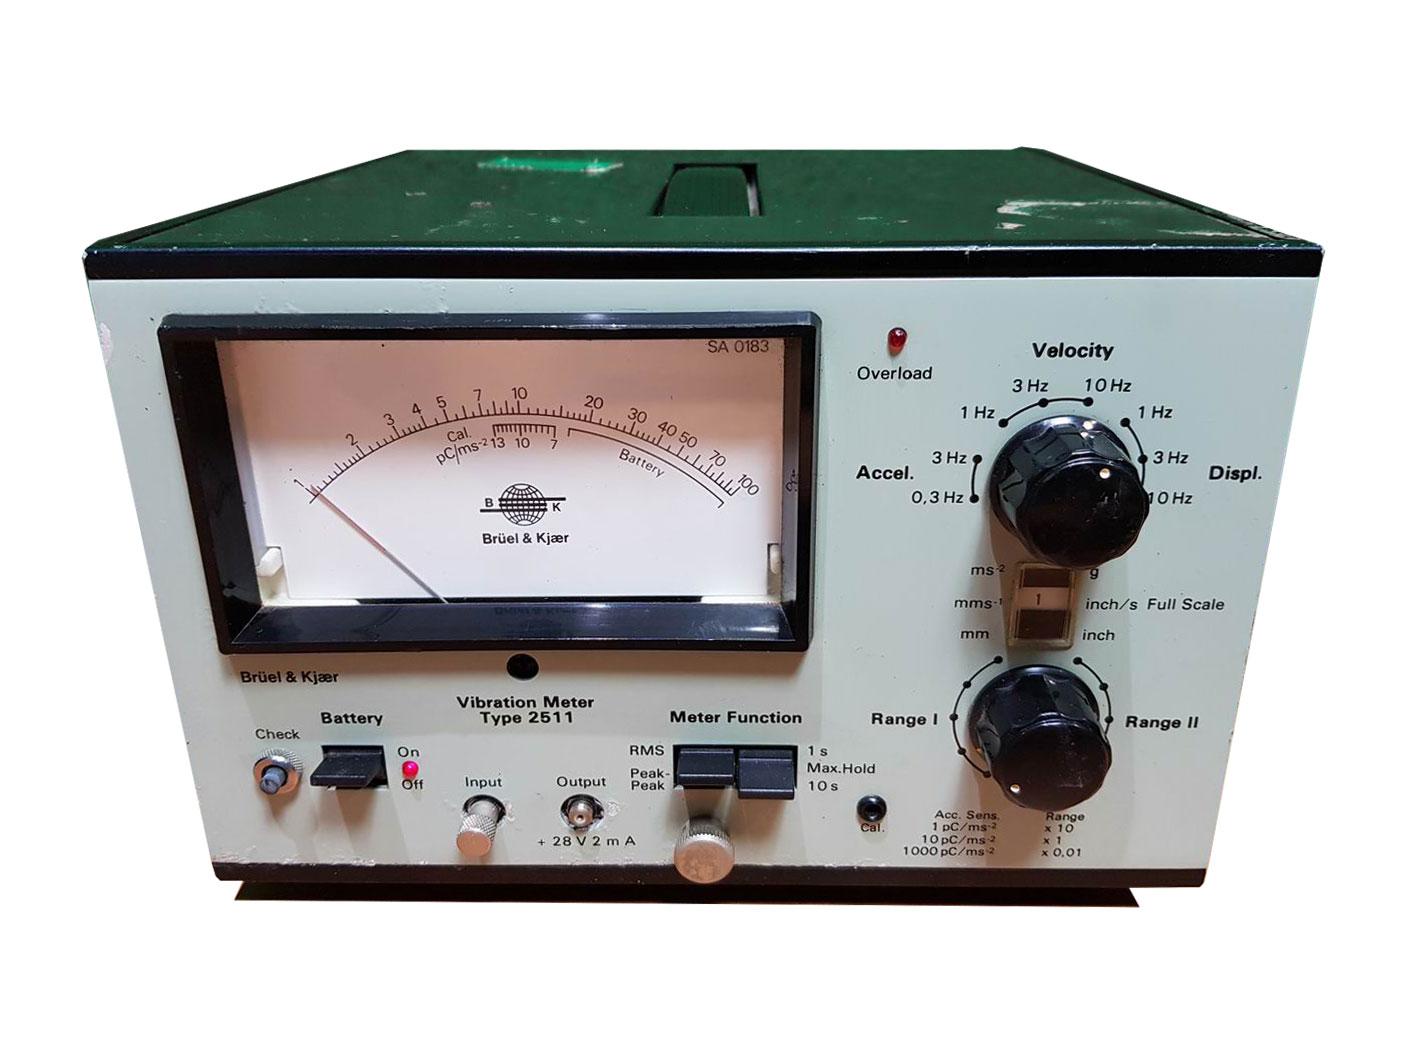 Bruel & Kjaer Test Equipment Rentals   ATEC Rentals